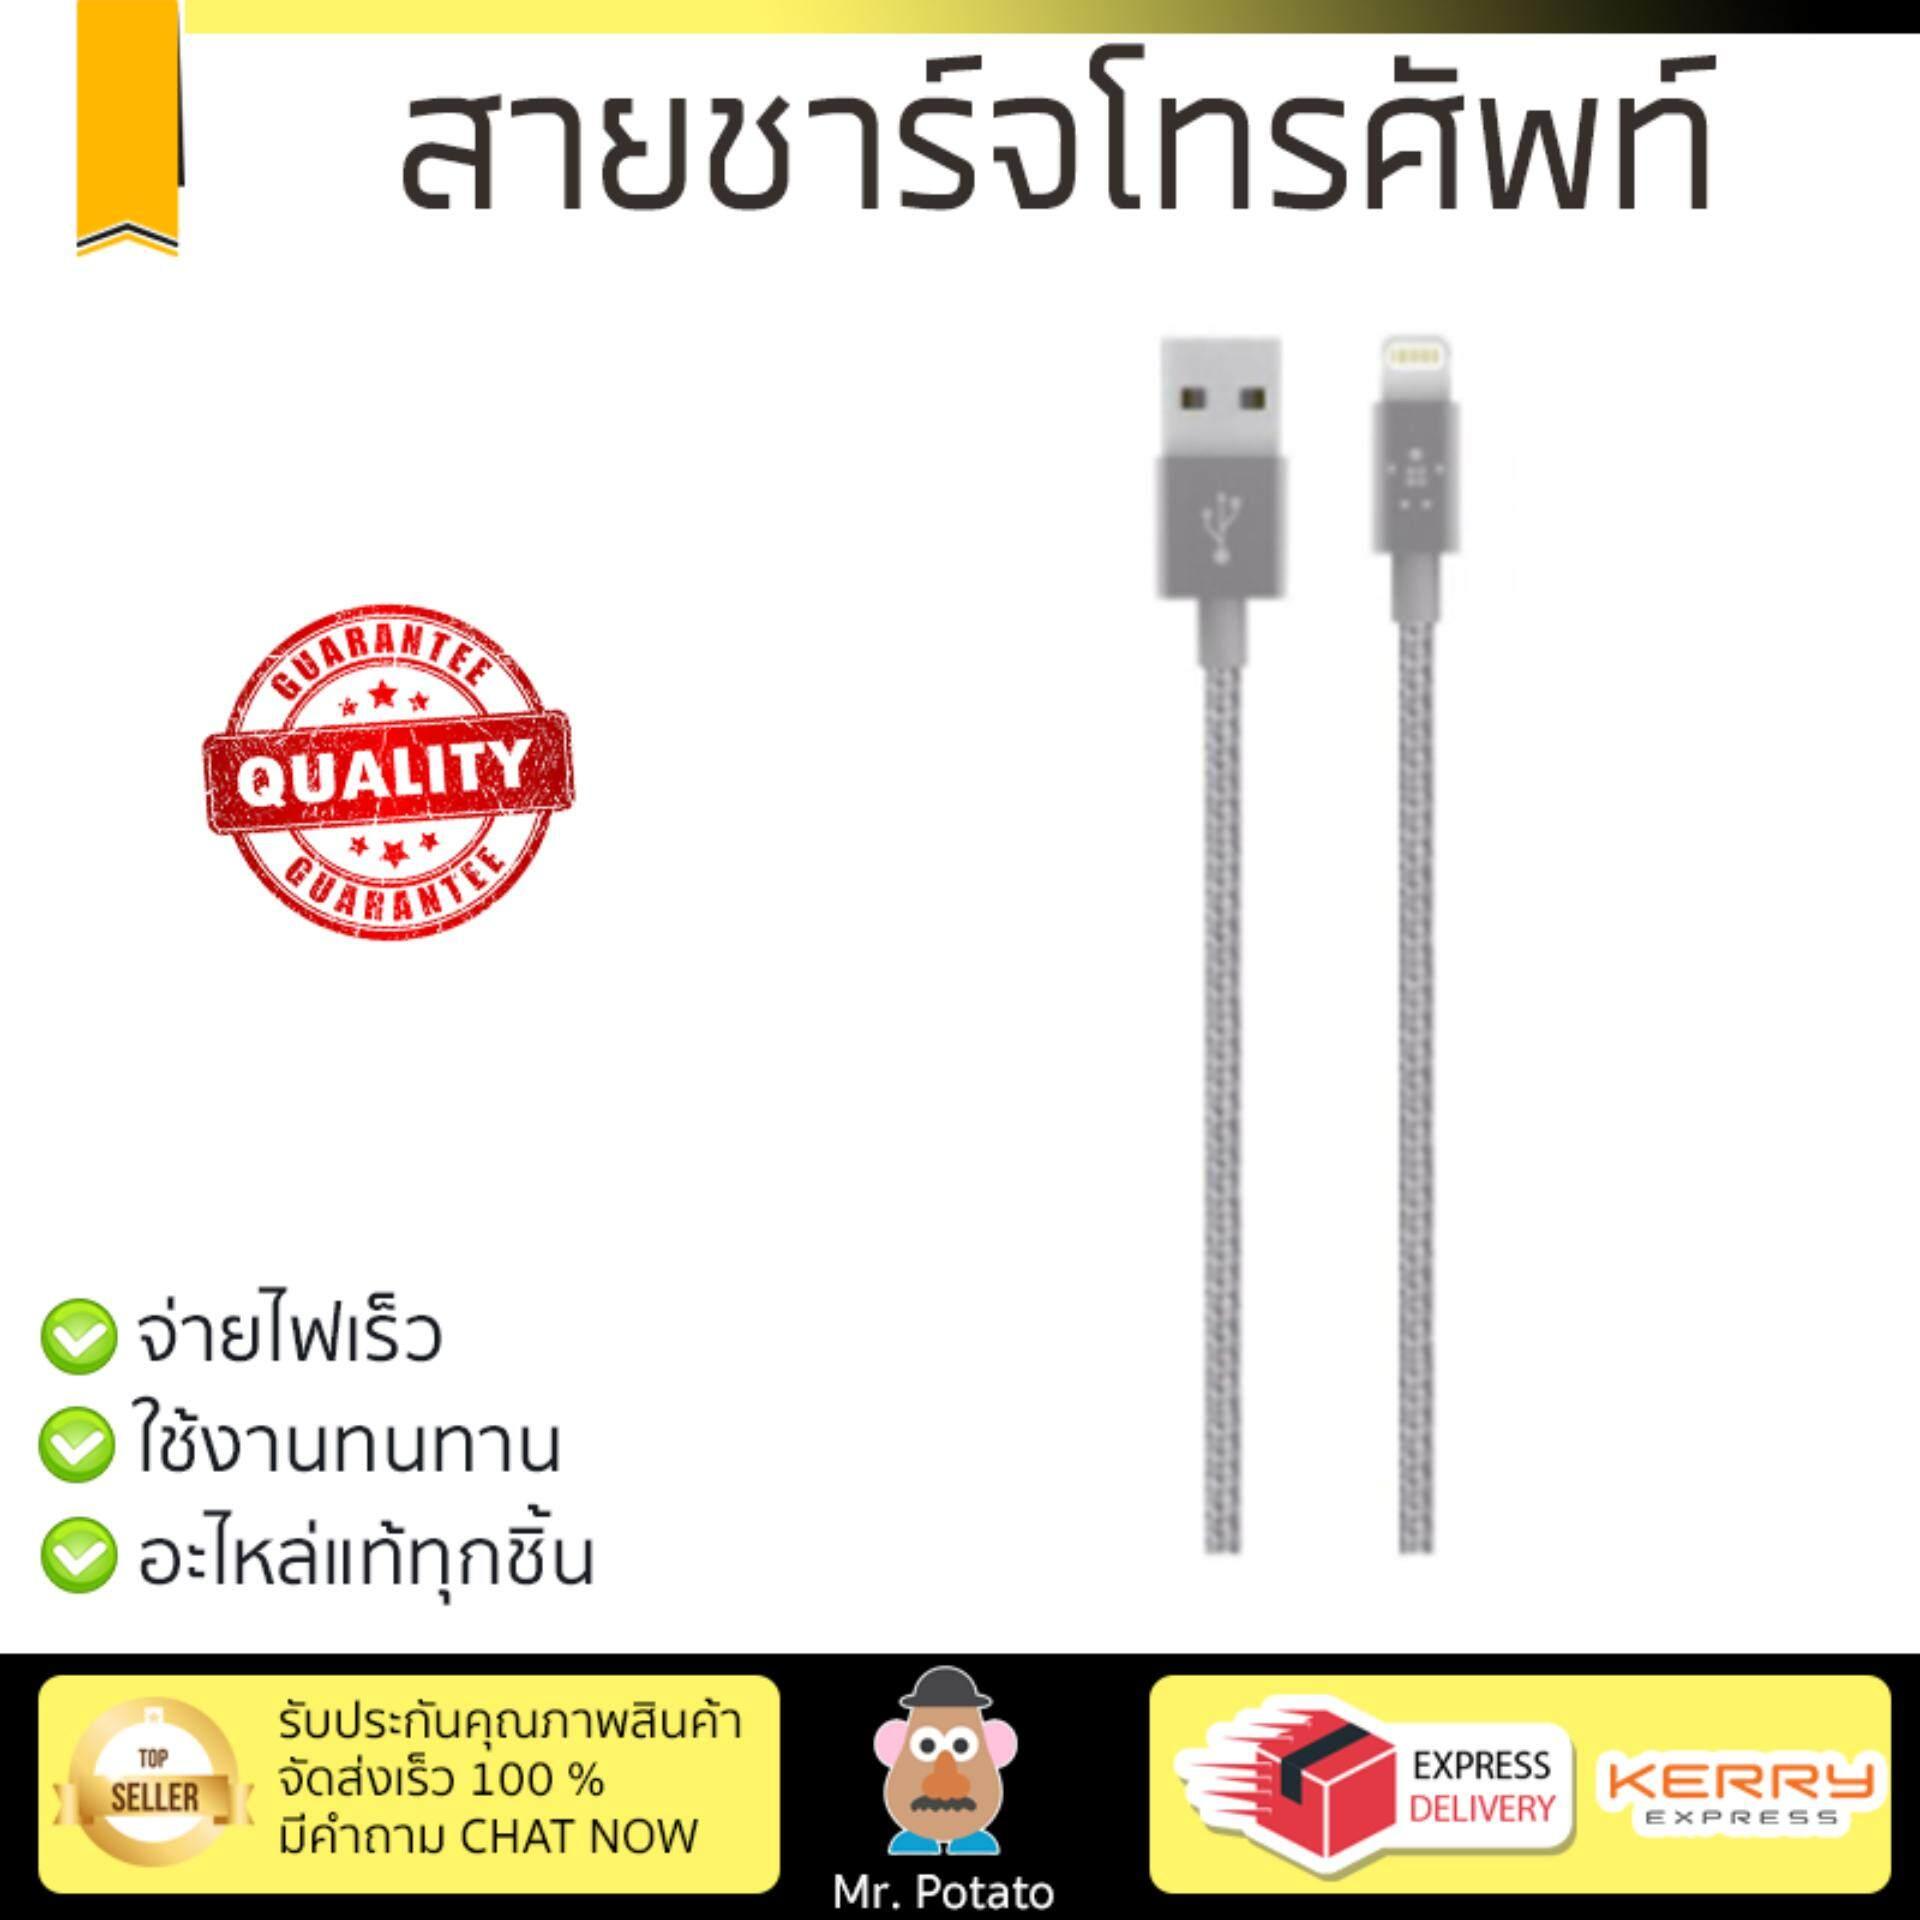 เก็บเงินปลายทางได้ ราคาพิเศษ รุ่นยอดนิยม สายชาร์จโทรศัพท์ Belkin MixIT Metallic Lightning Cable 1.2M. Gray (F8J144bt04-SLV) สายชาร์จทนทาน แข็งแรง จ่ายไฟเร็ว Mobile Cable จัดส่งฟรี Kerry ทั่วประเทศ